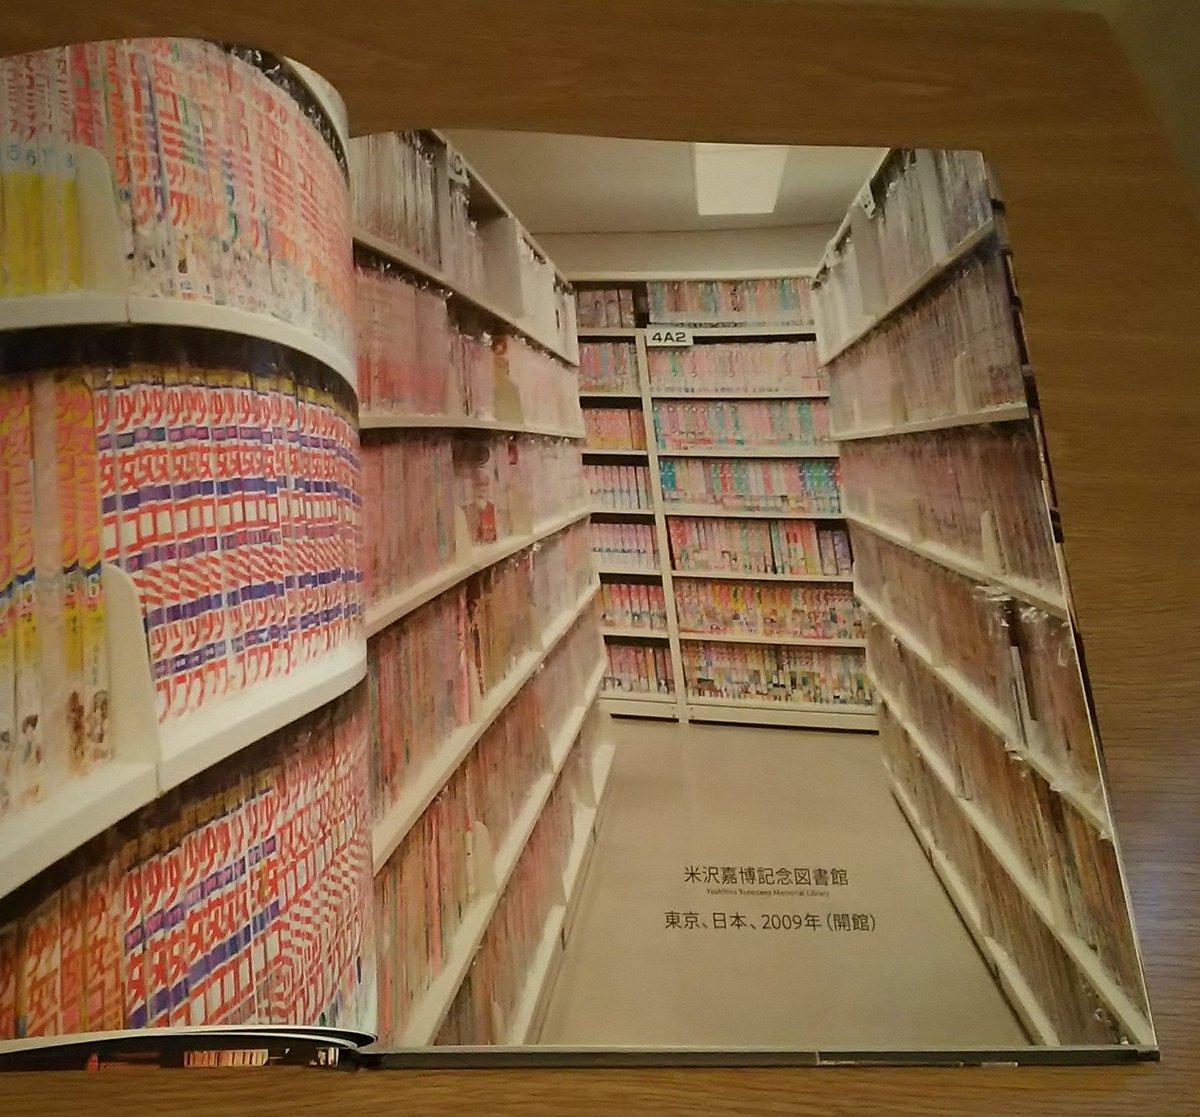 今月刊行された『21世紀ガイド図鑑 世界の図書館』(ほるぷ出版)にて当館を紹介していただきました。 https://t.co/Ht5Y5eK5u1